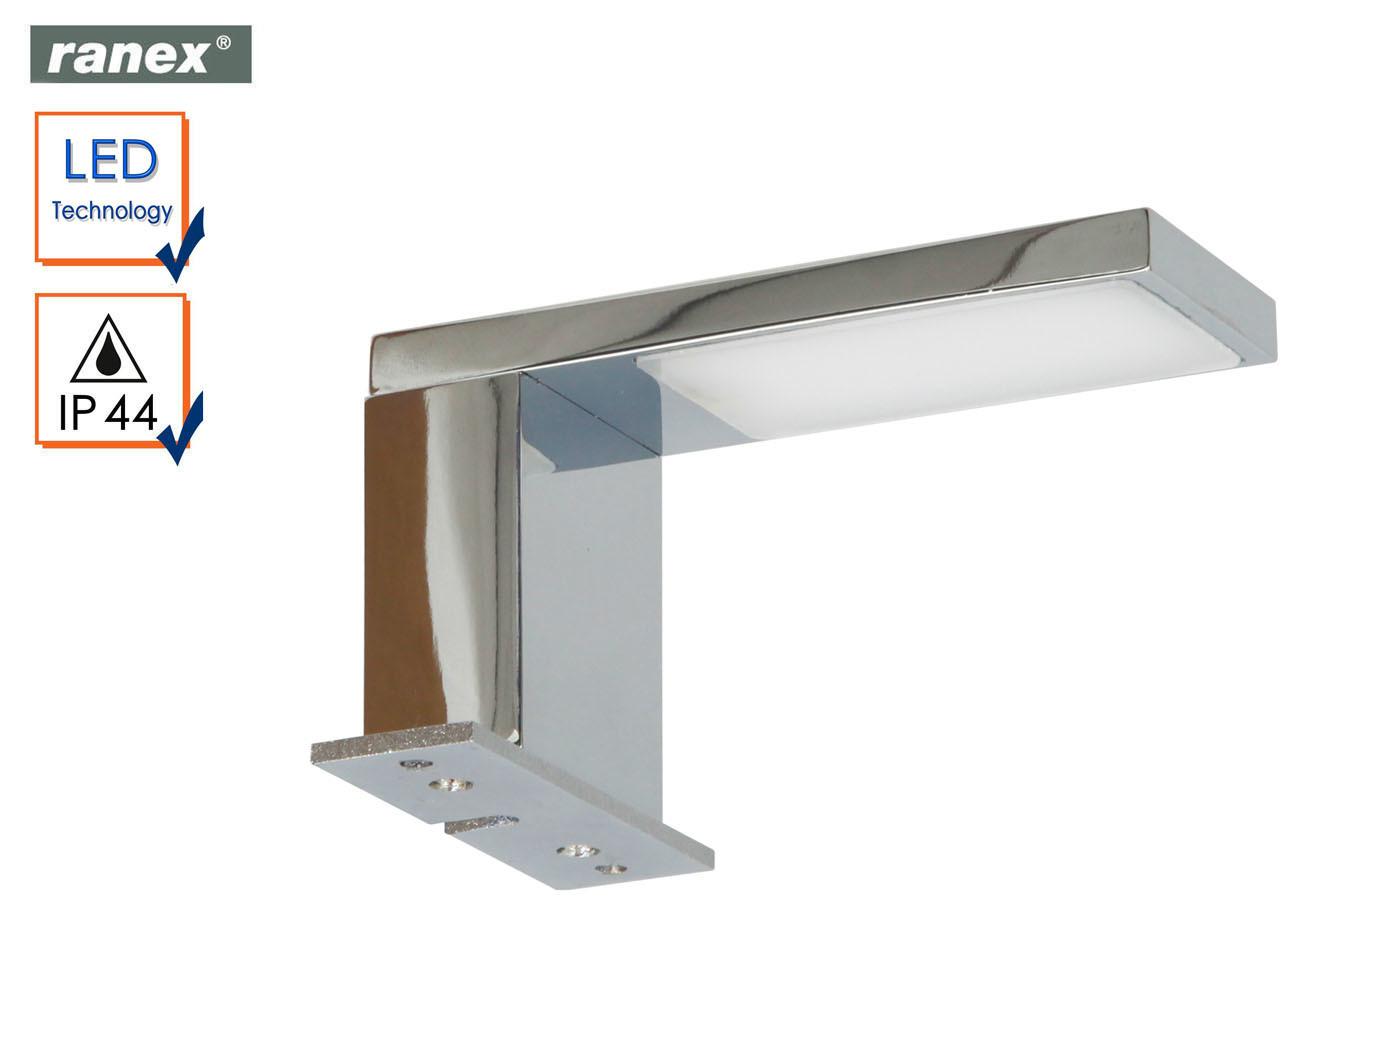 Wall Lights Moderne 2flammige Led Spiegelleuchte Fürs